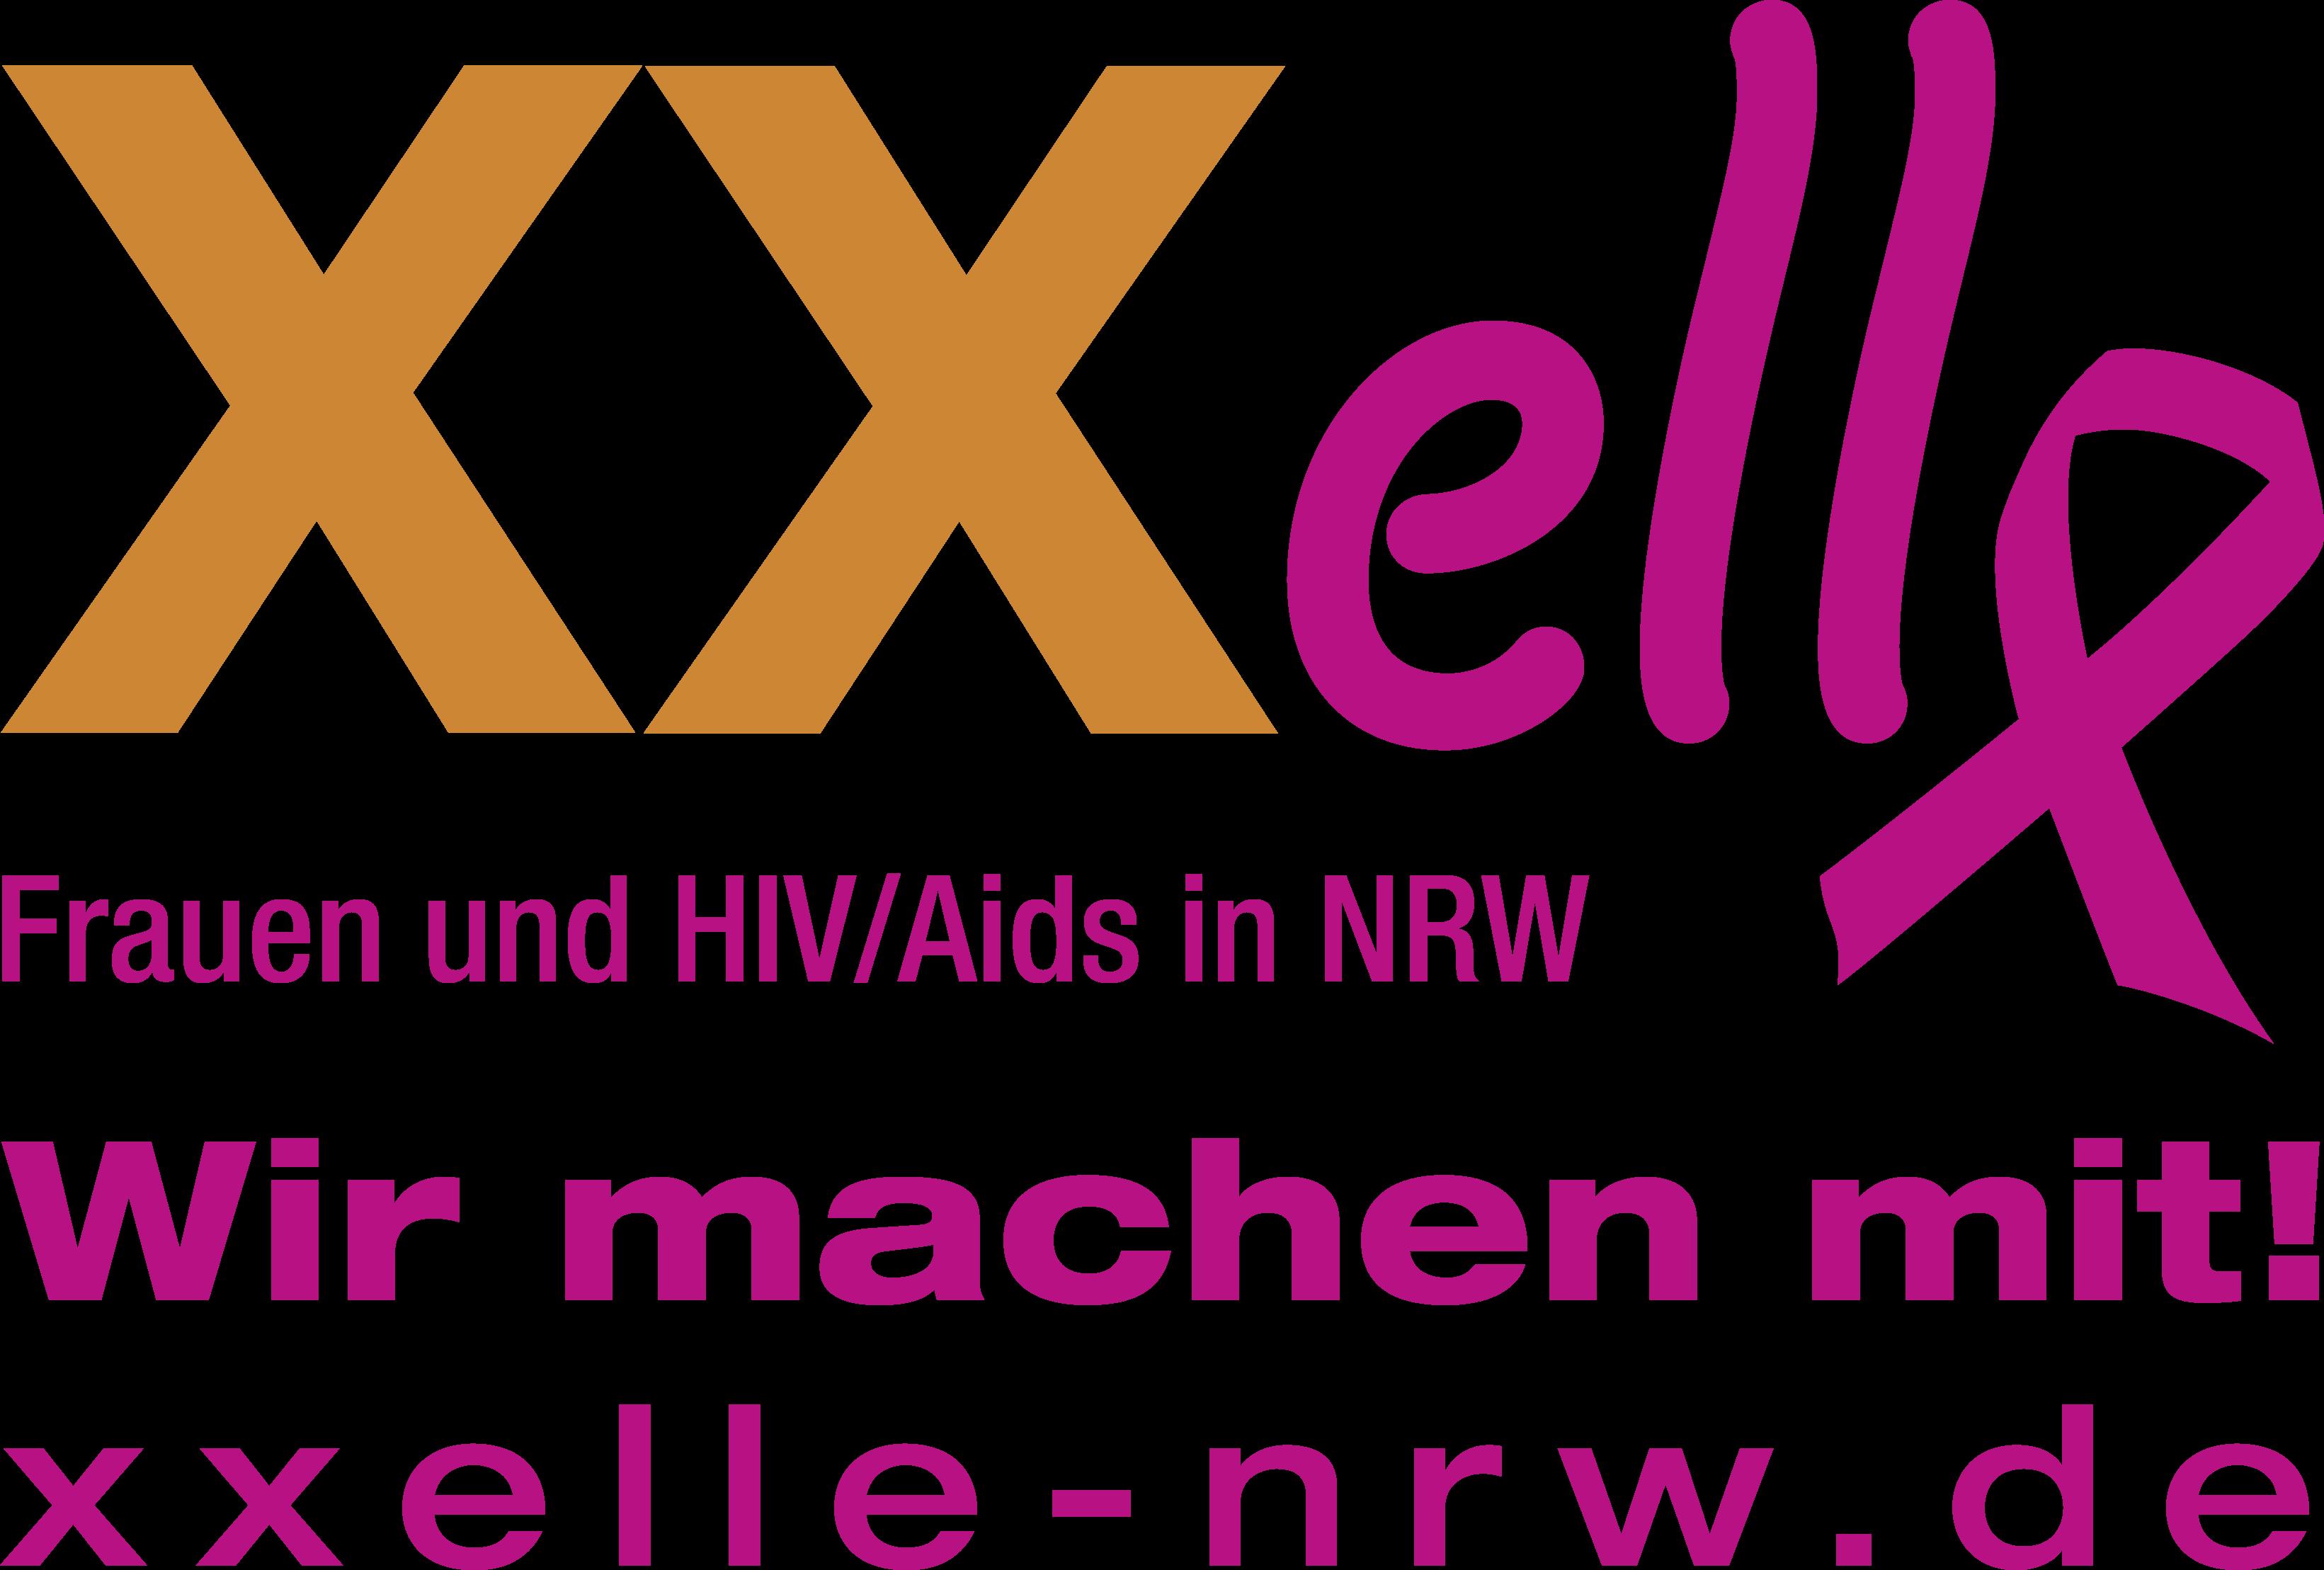 xxelle Frauen und HIV/ Aids in NRW wir machen mit